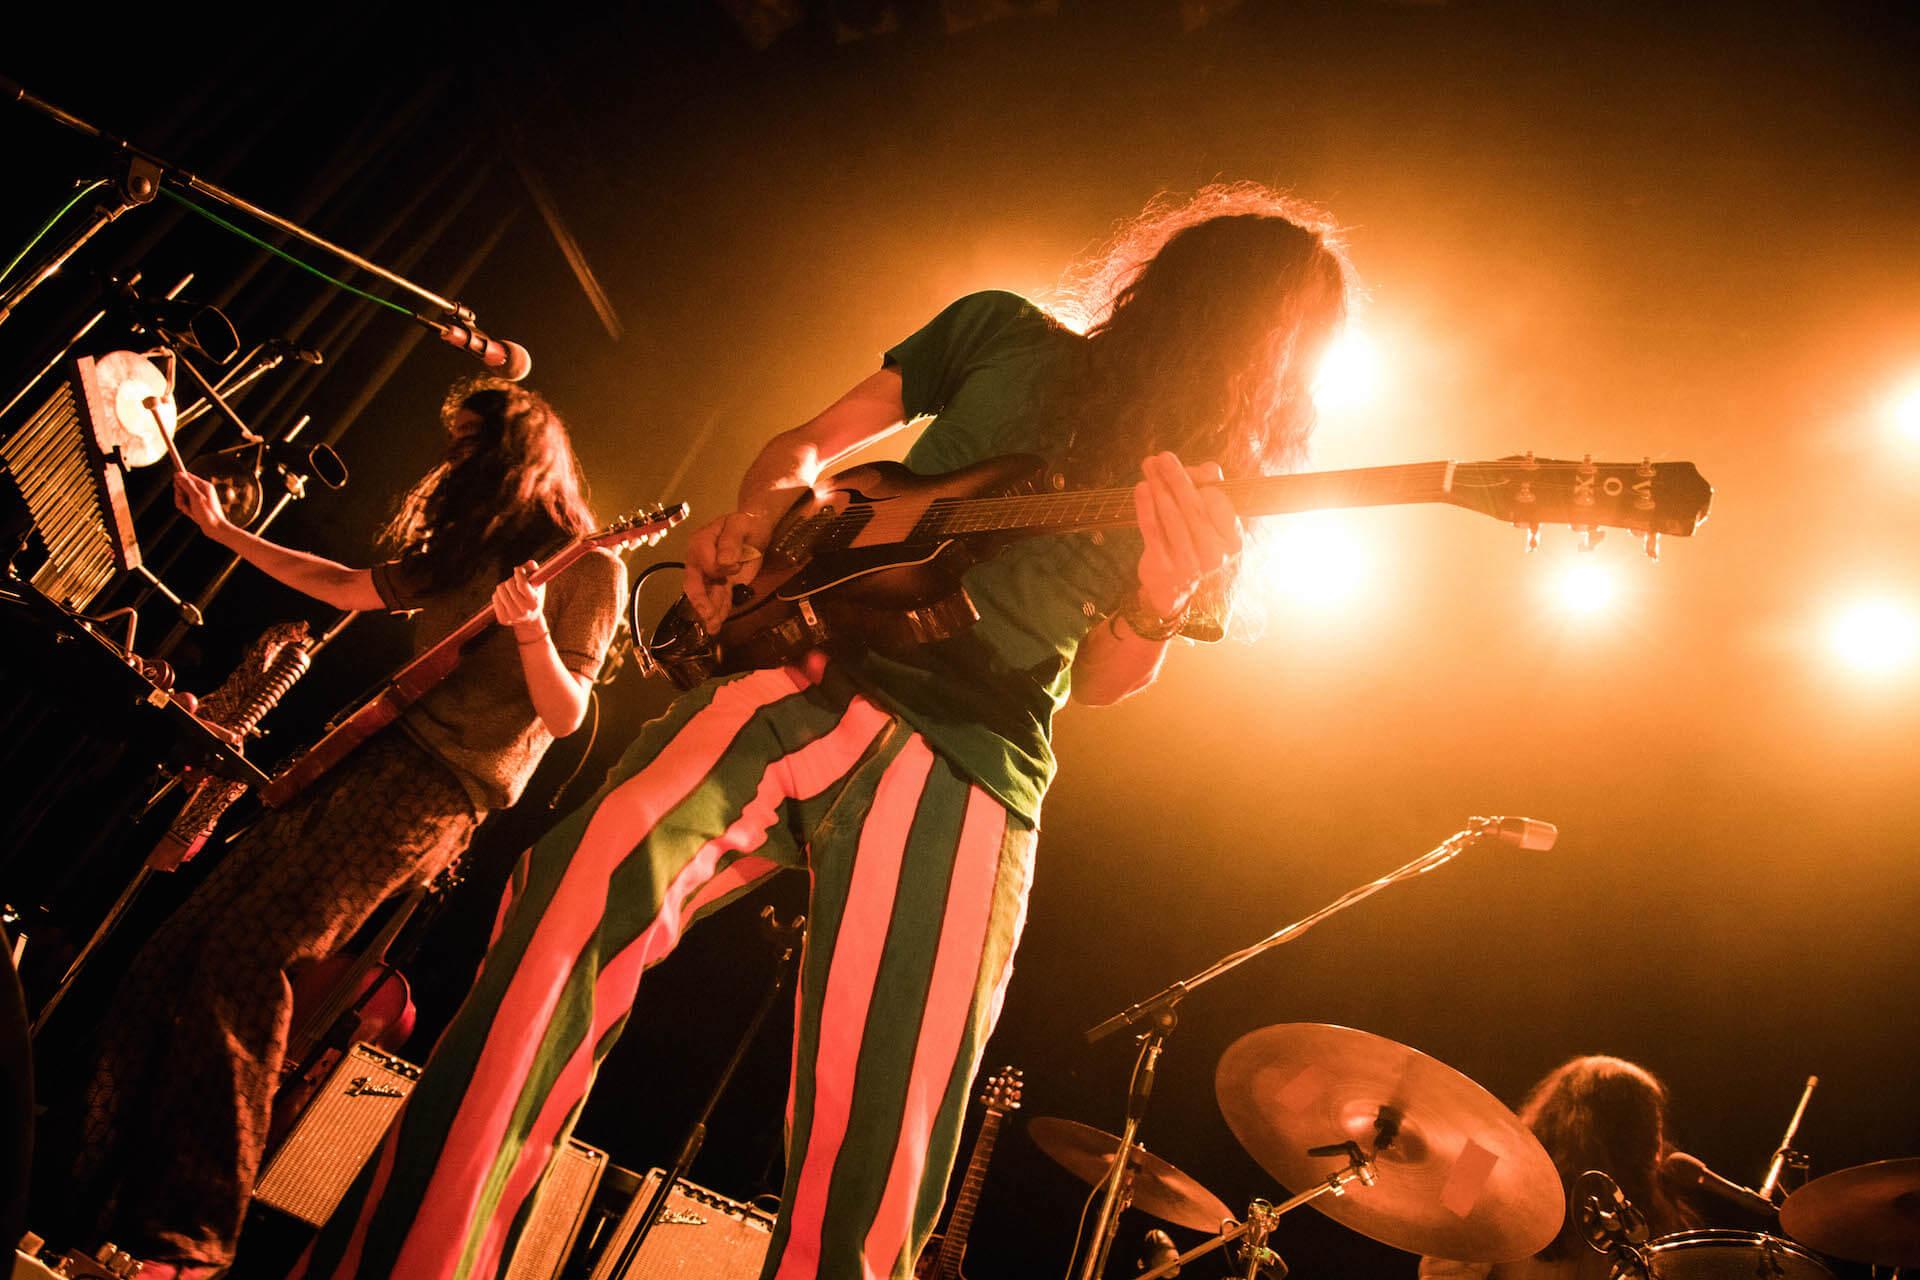 世界を旅するバンドが魅せるサイケデリアのまどろみ 幾何学模様 × OGRE YOU ASSHOLE ライブレポート music191103-kikagakumoyo-ogreyouasshole-7-1